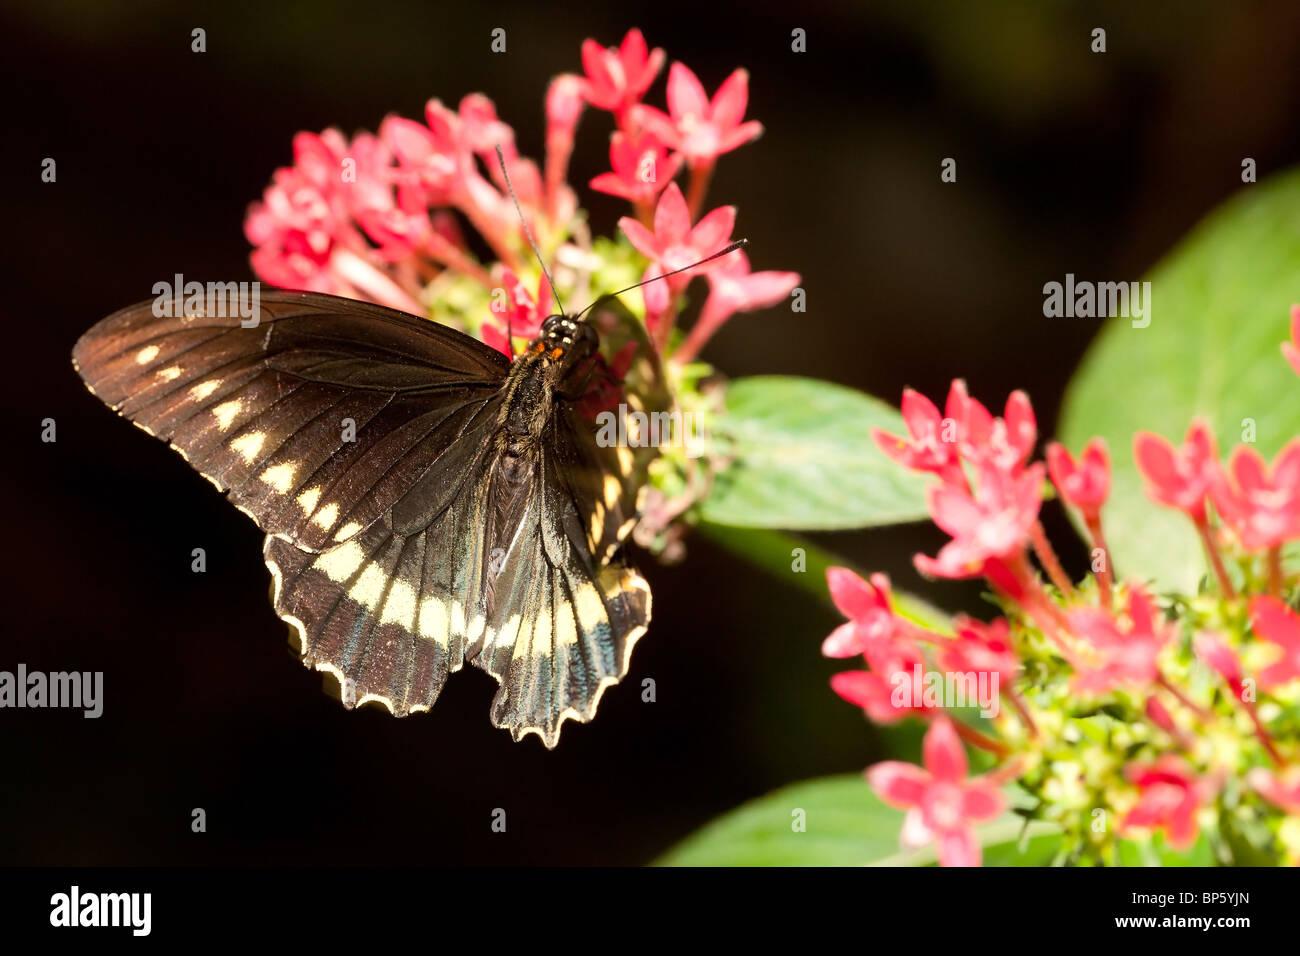 Bộ sưu tập cánh vẩy 6 - Page 19 White-spotted-commodore-butterfly-precis-limnoria-BP5YJN